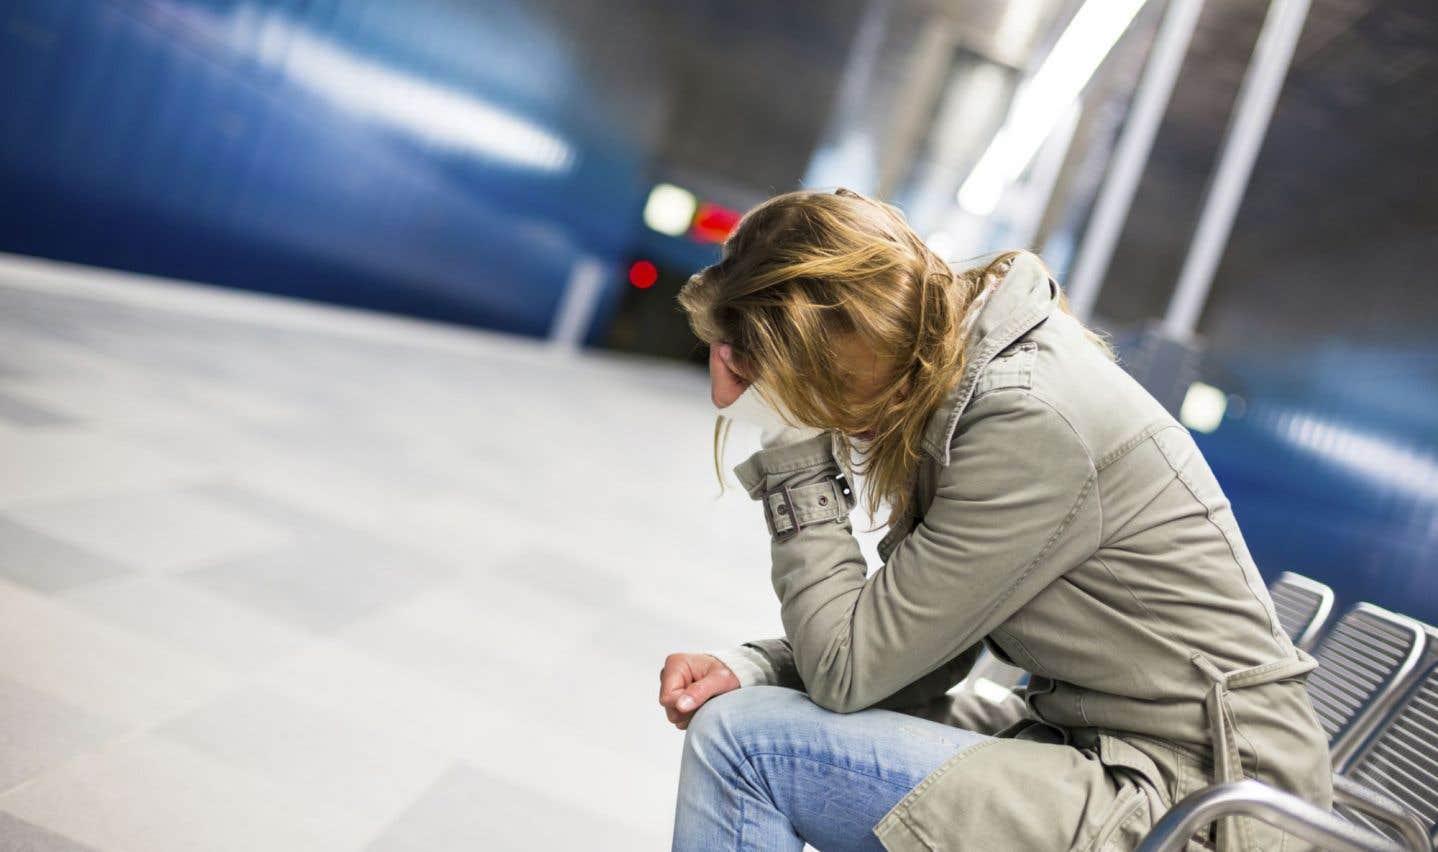 Le taux de suicide en forte baisse au Québec